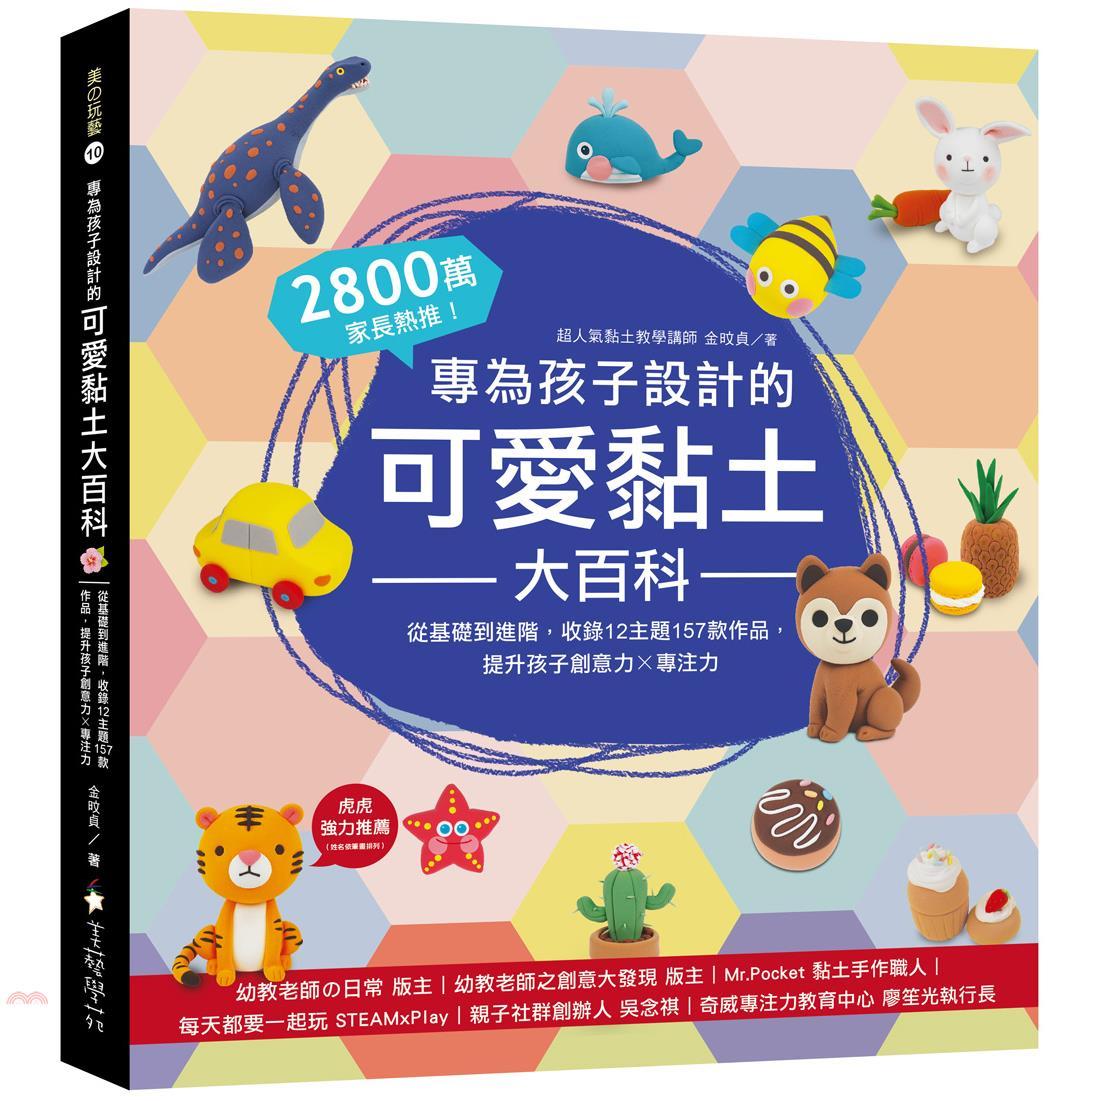 專為孩子設計的可愛黏土大百科:2800萬家長熱推!從基礎到進階,收錄12主題157款作品[79折]